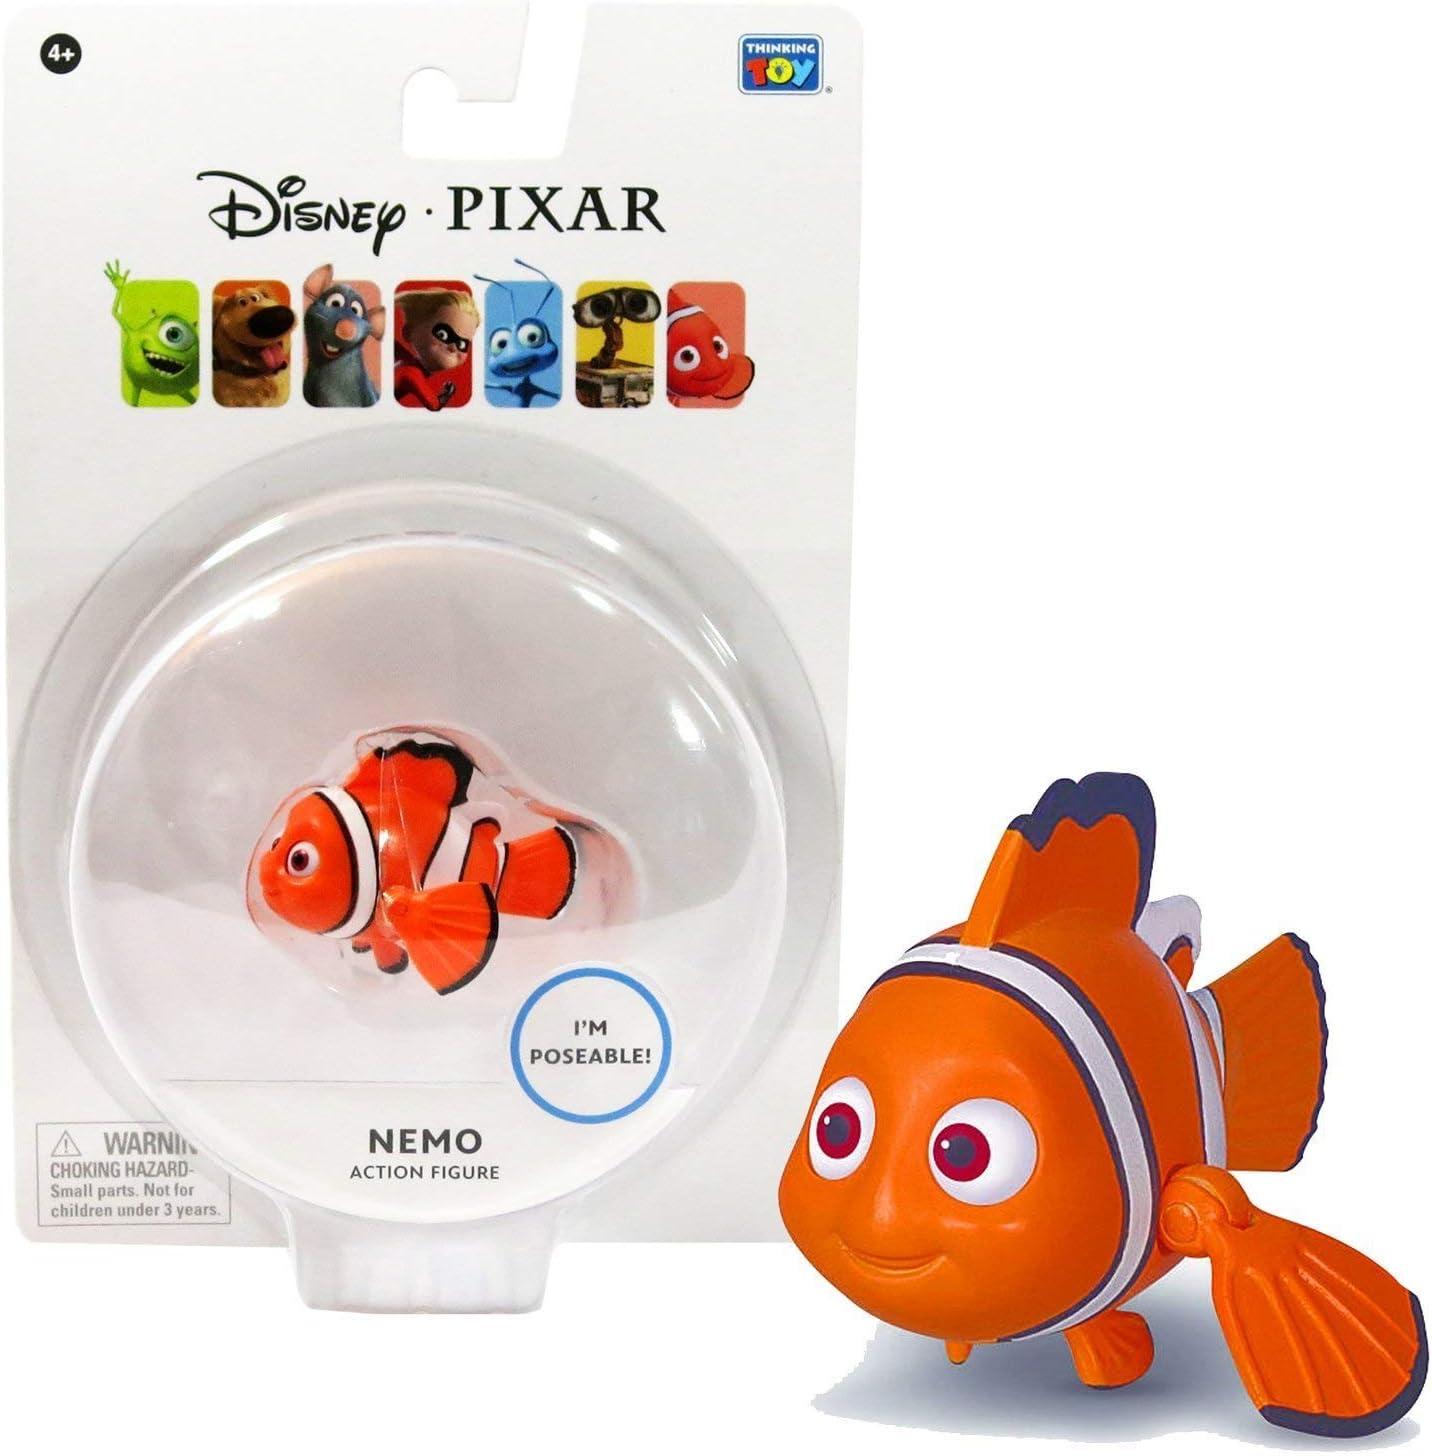 Disney Pixar ~ Nemo 3.75 Poseable Action Figure